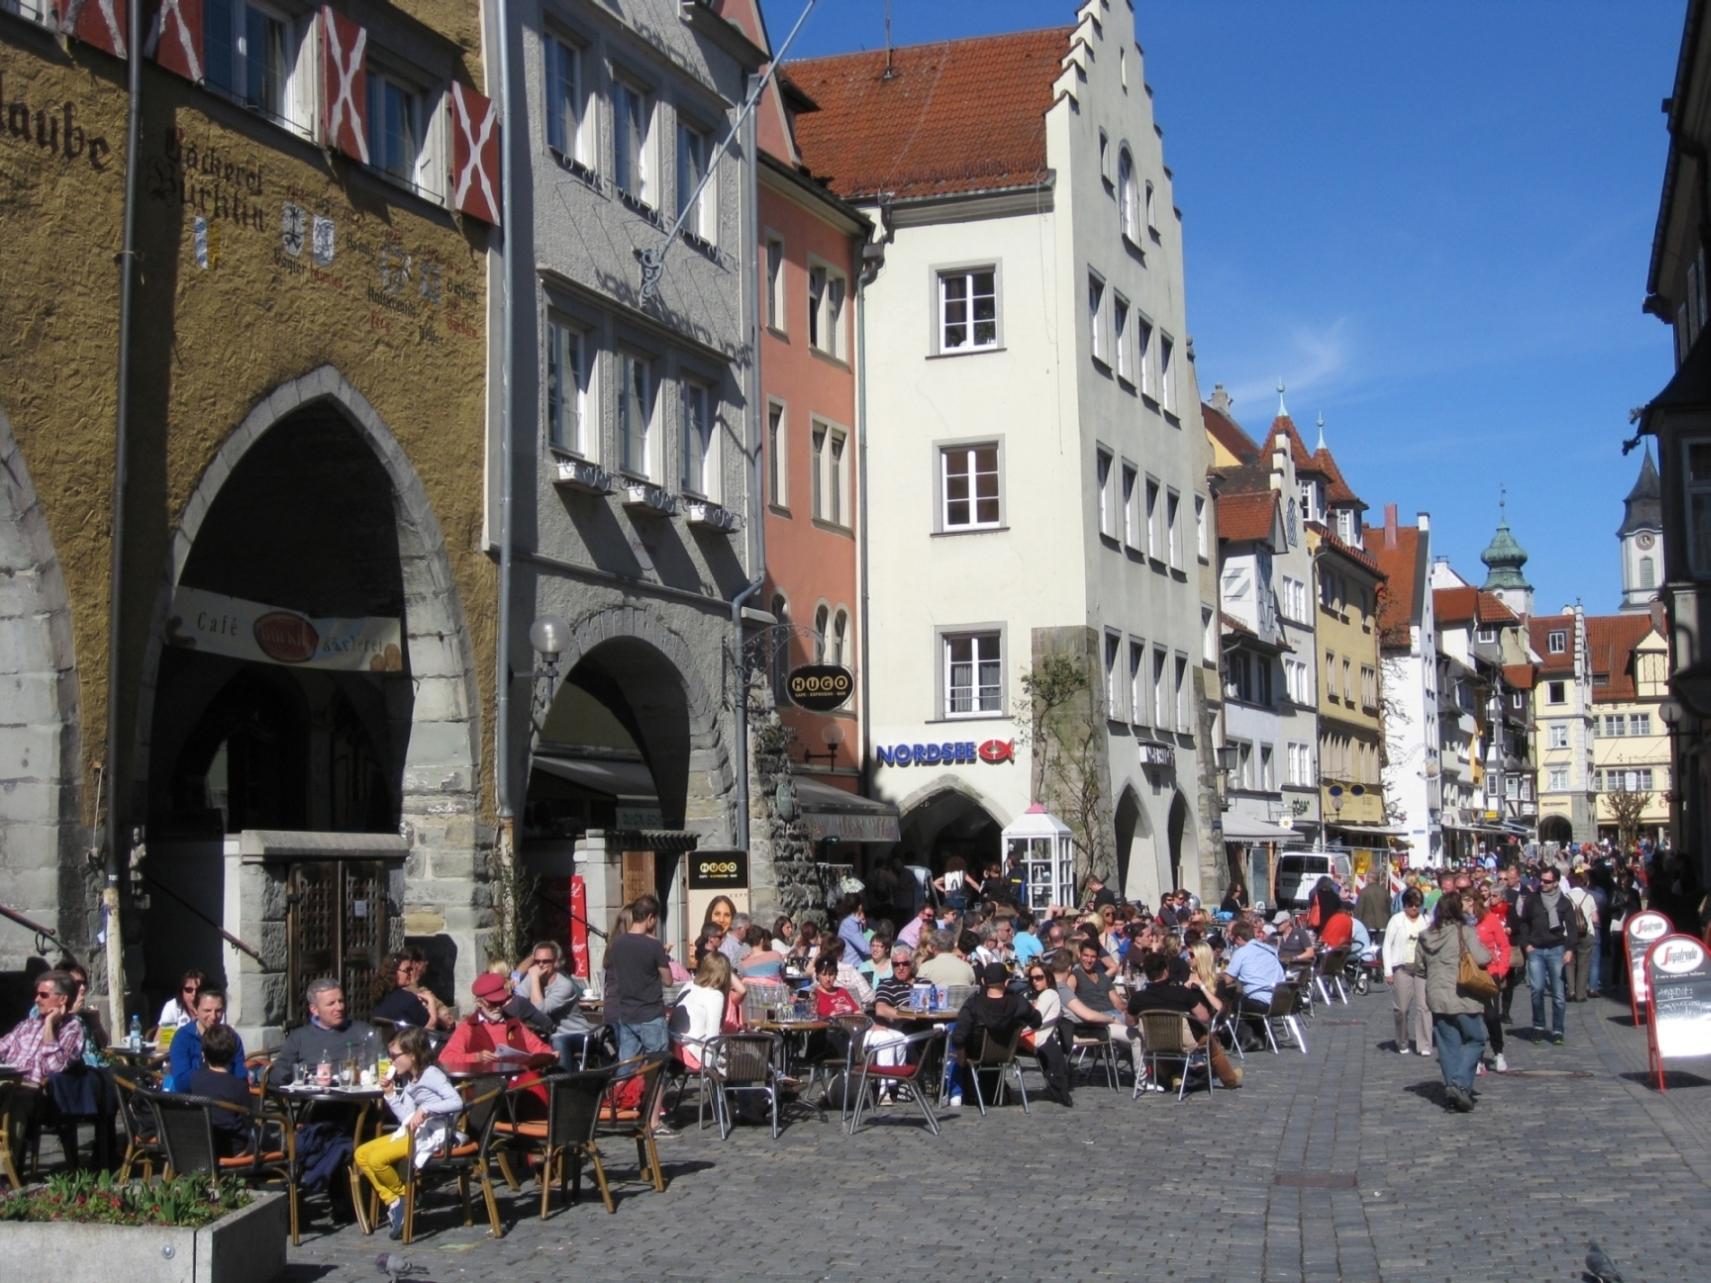 Ferienwohnung Damkröger, (Lindau am Bodensee). Ferienwohnung, 56 qm, 1 Wohn/Schlafraum, max. 4 Personen (1492589), Lindau, Bodensee (D), Baden-Württemberg, Deutschland, Bild 4